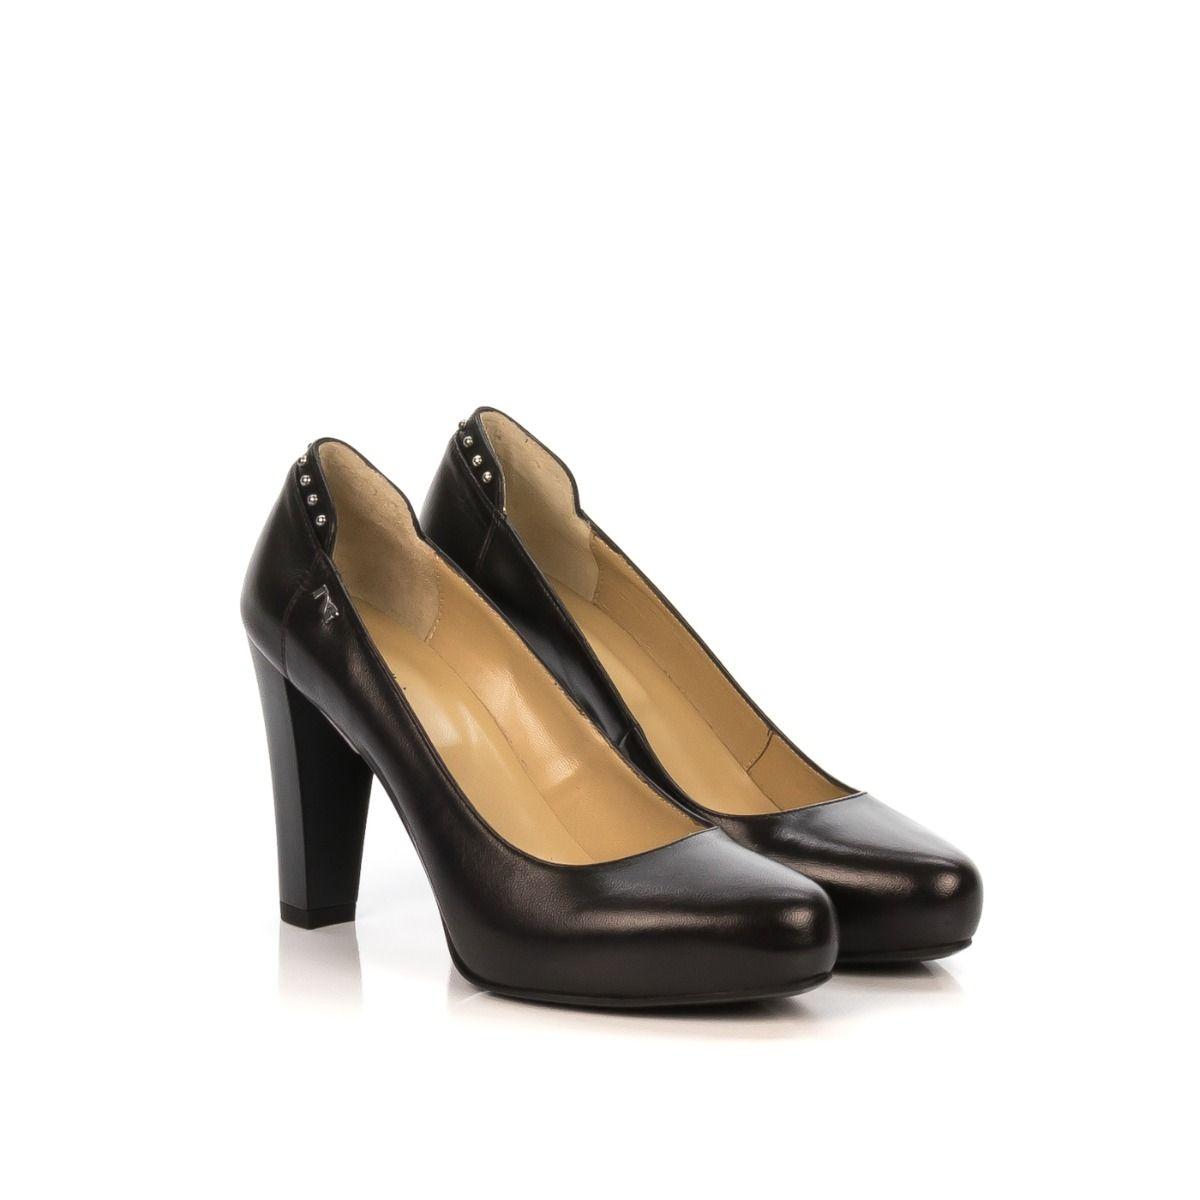 23fa98d7c7e679 Dècolletè donna|NERO GIARDINI A806802DE-100 pelle nera con borchie  tallone|Shop online|Shoe Center